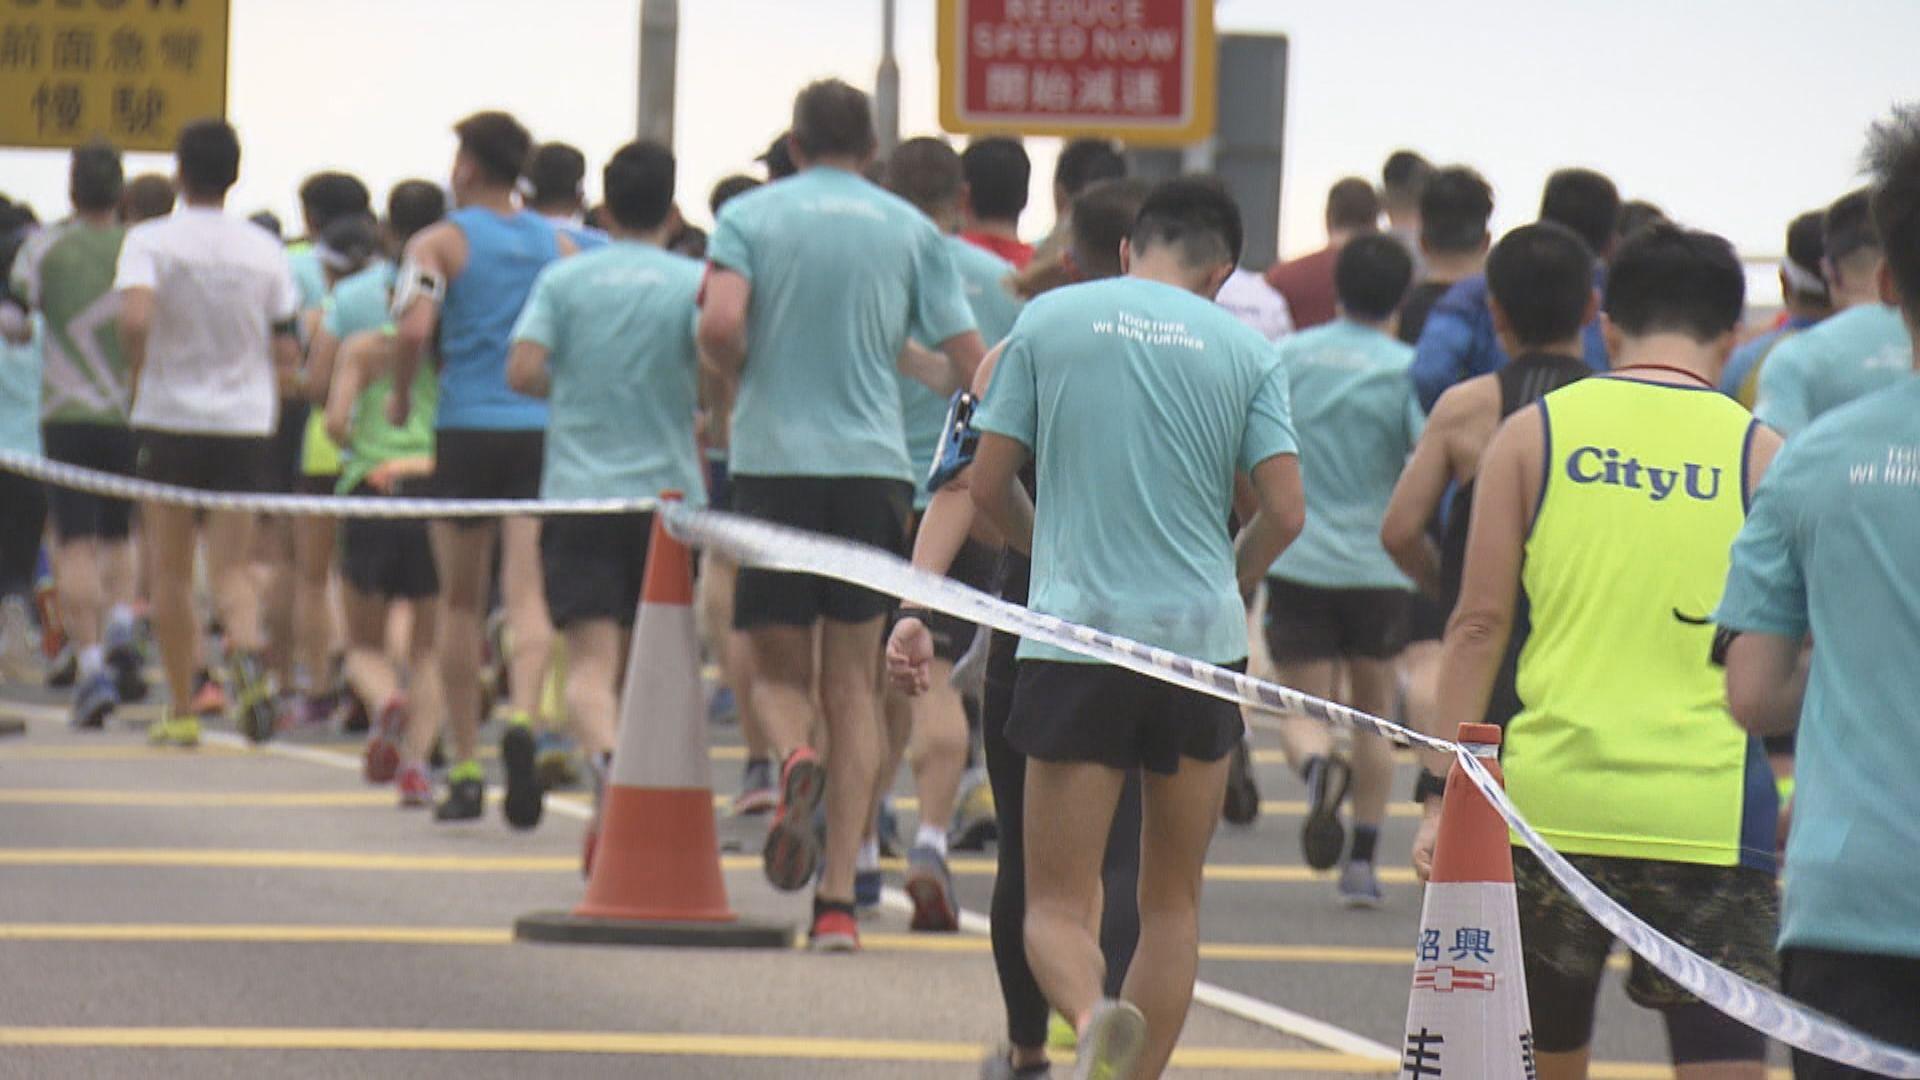 馬拉松十月復辦 起跑及到終點後須戴口罩